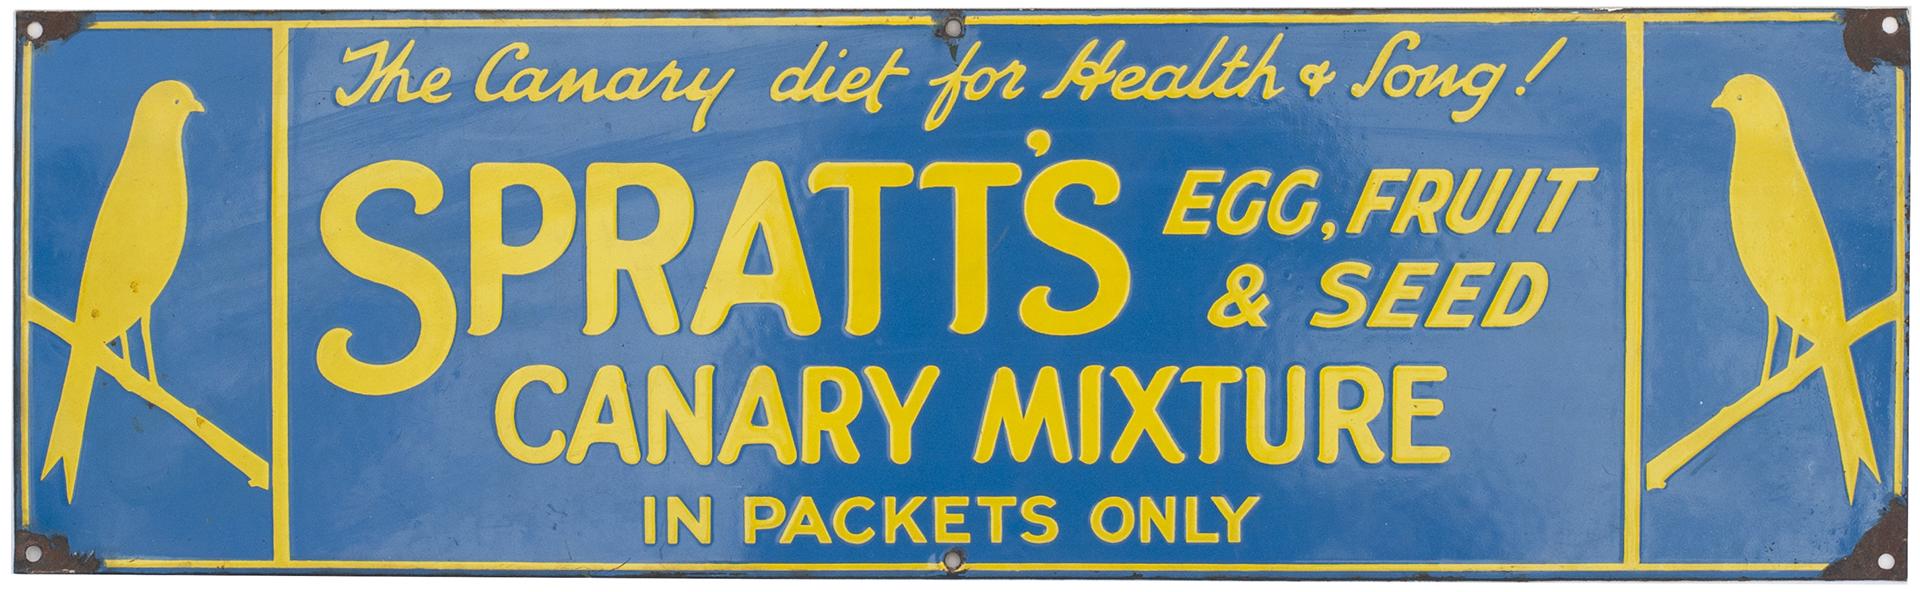 Advertising Enamel Sign SPRATT'S EGG FRUIT & SEED